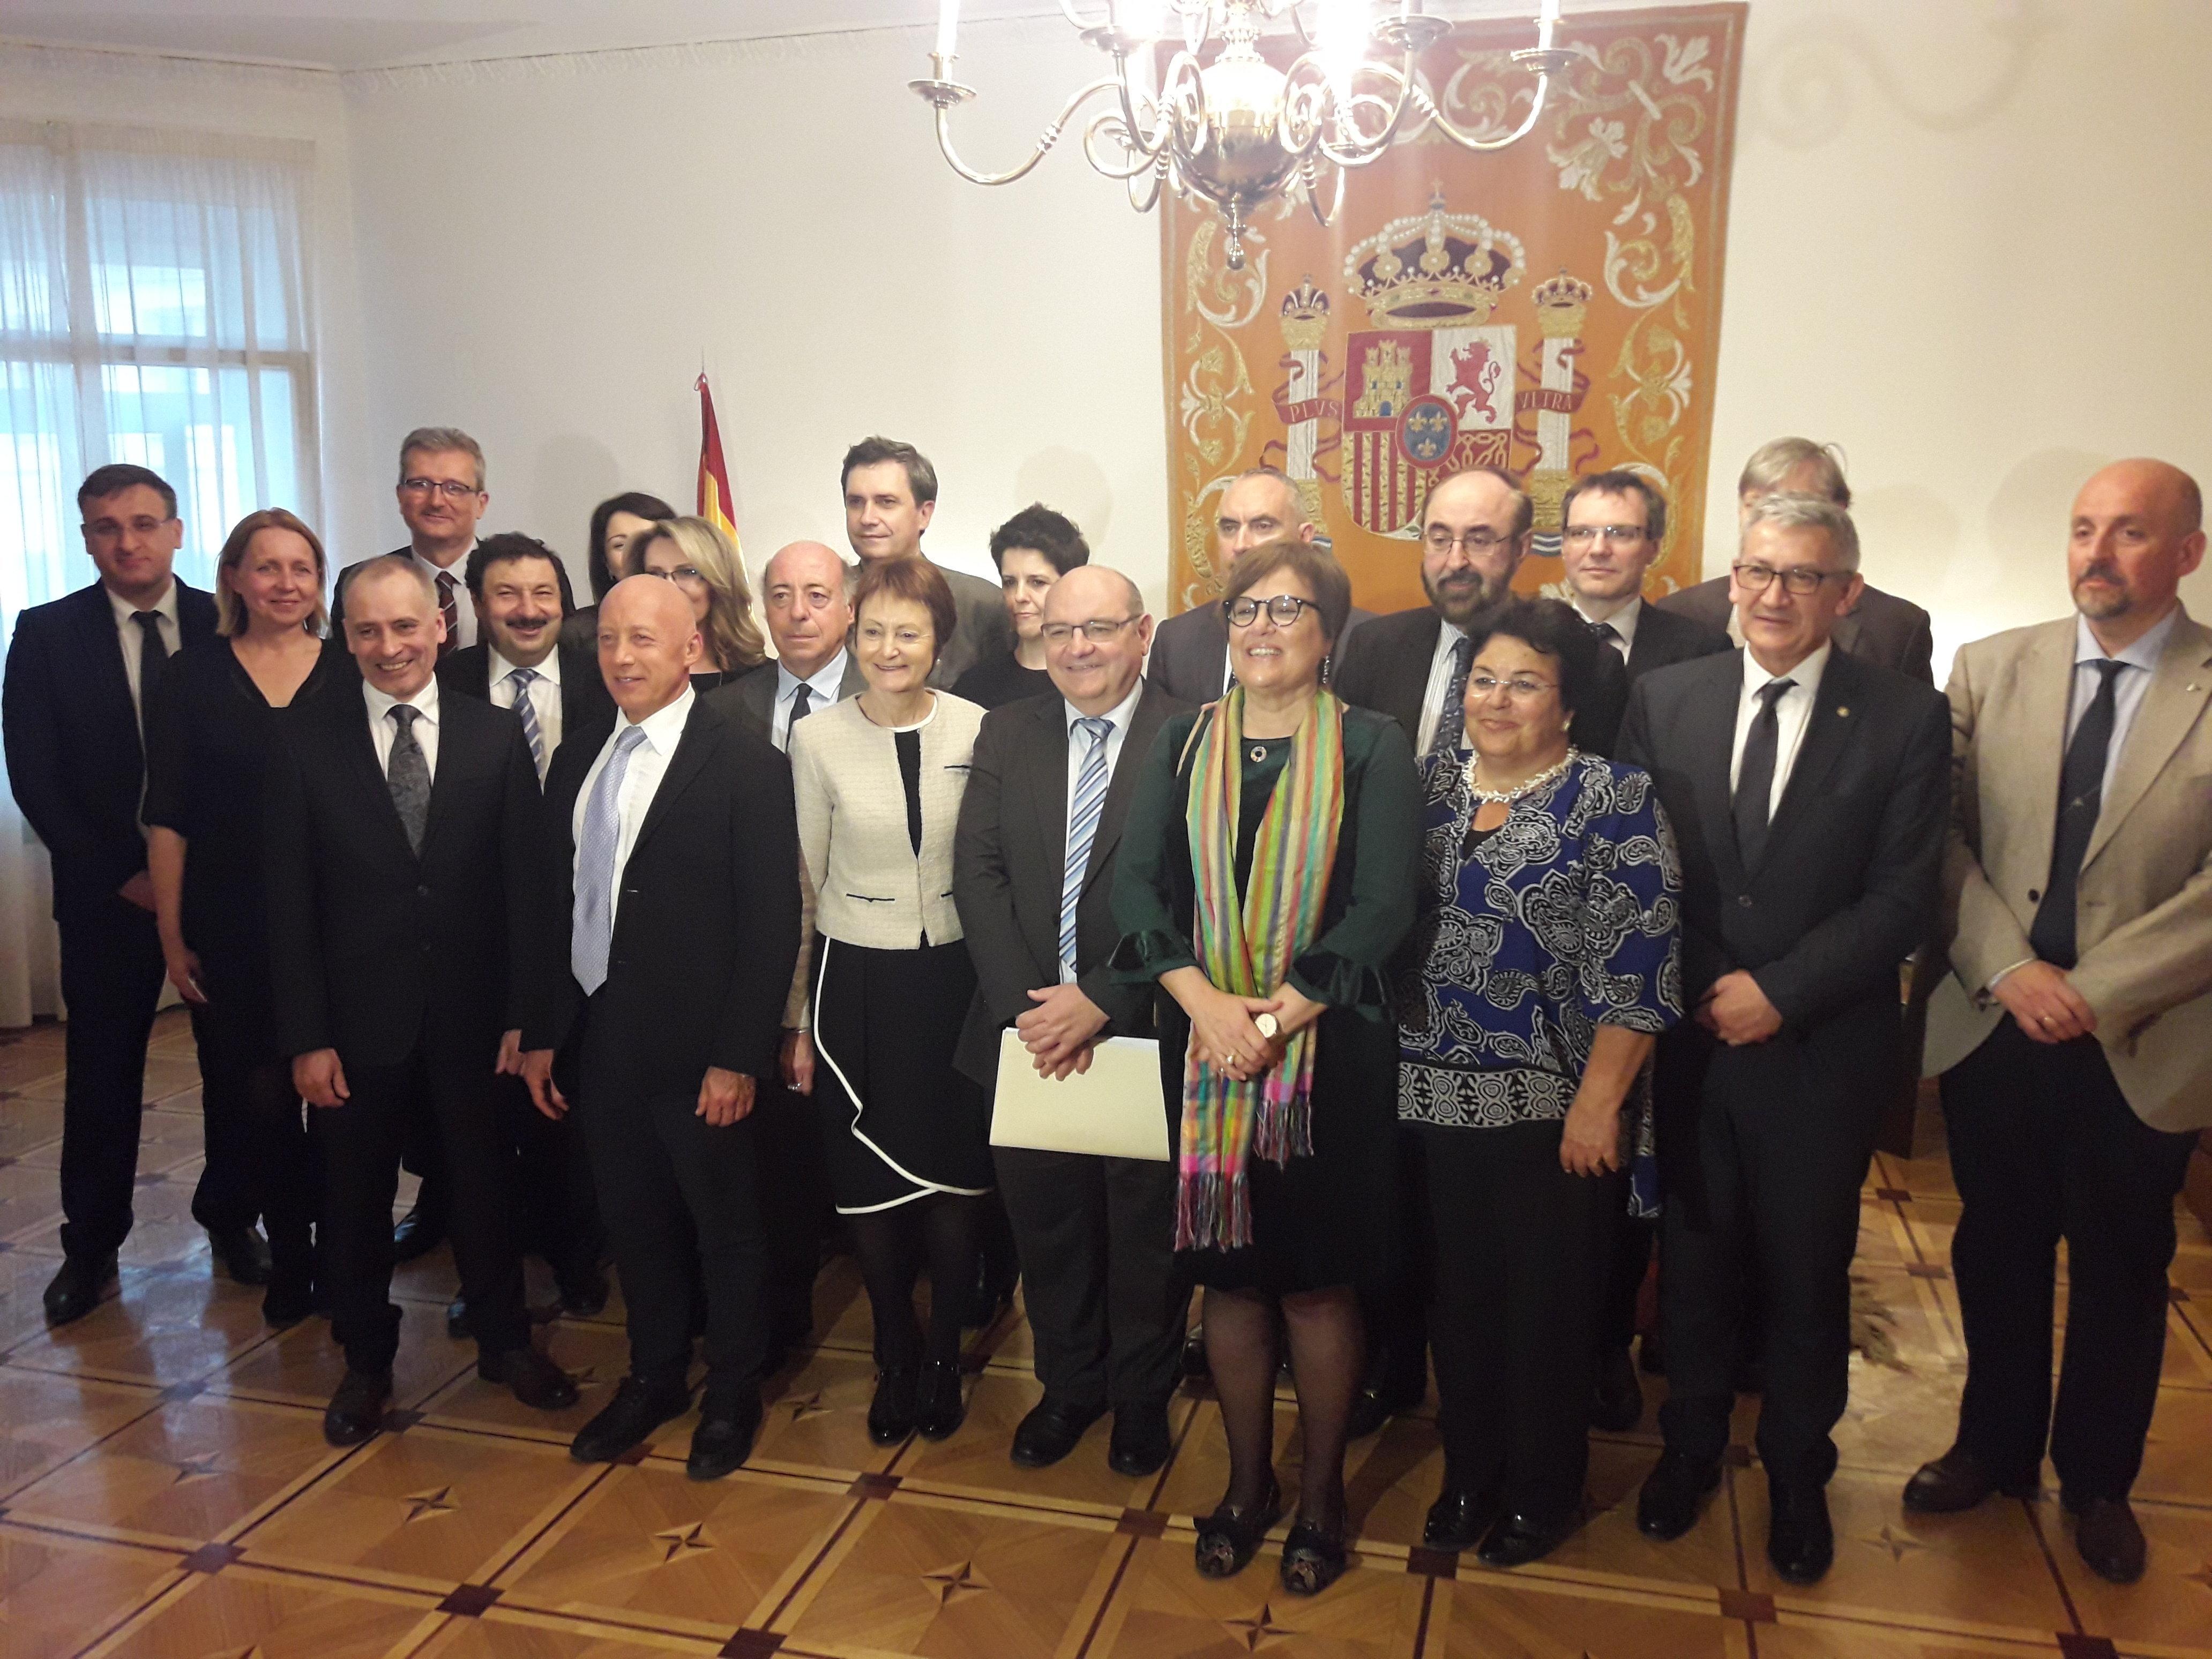 El acto de firma se celebró en la embajada de España en Moscú